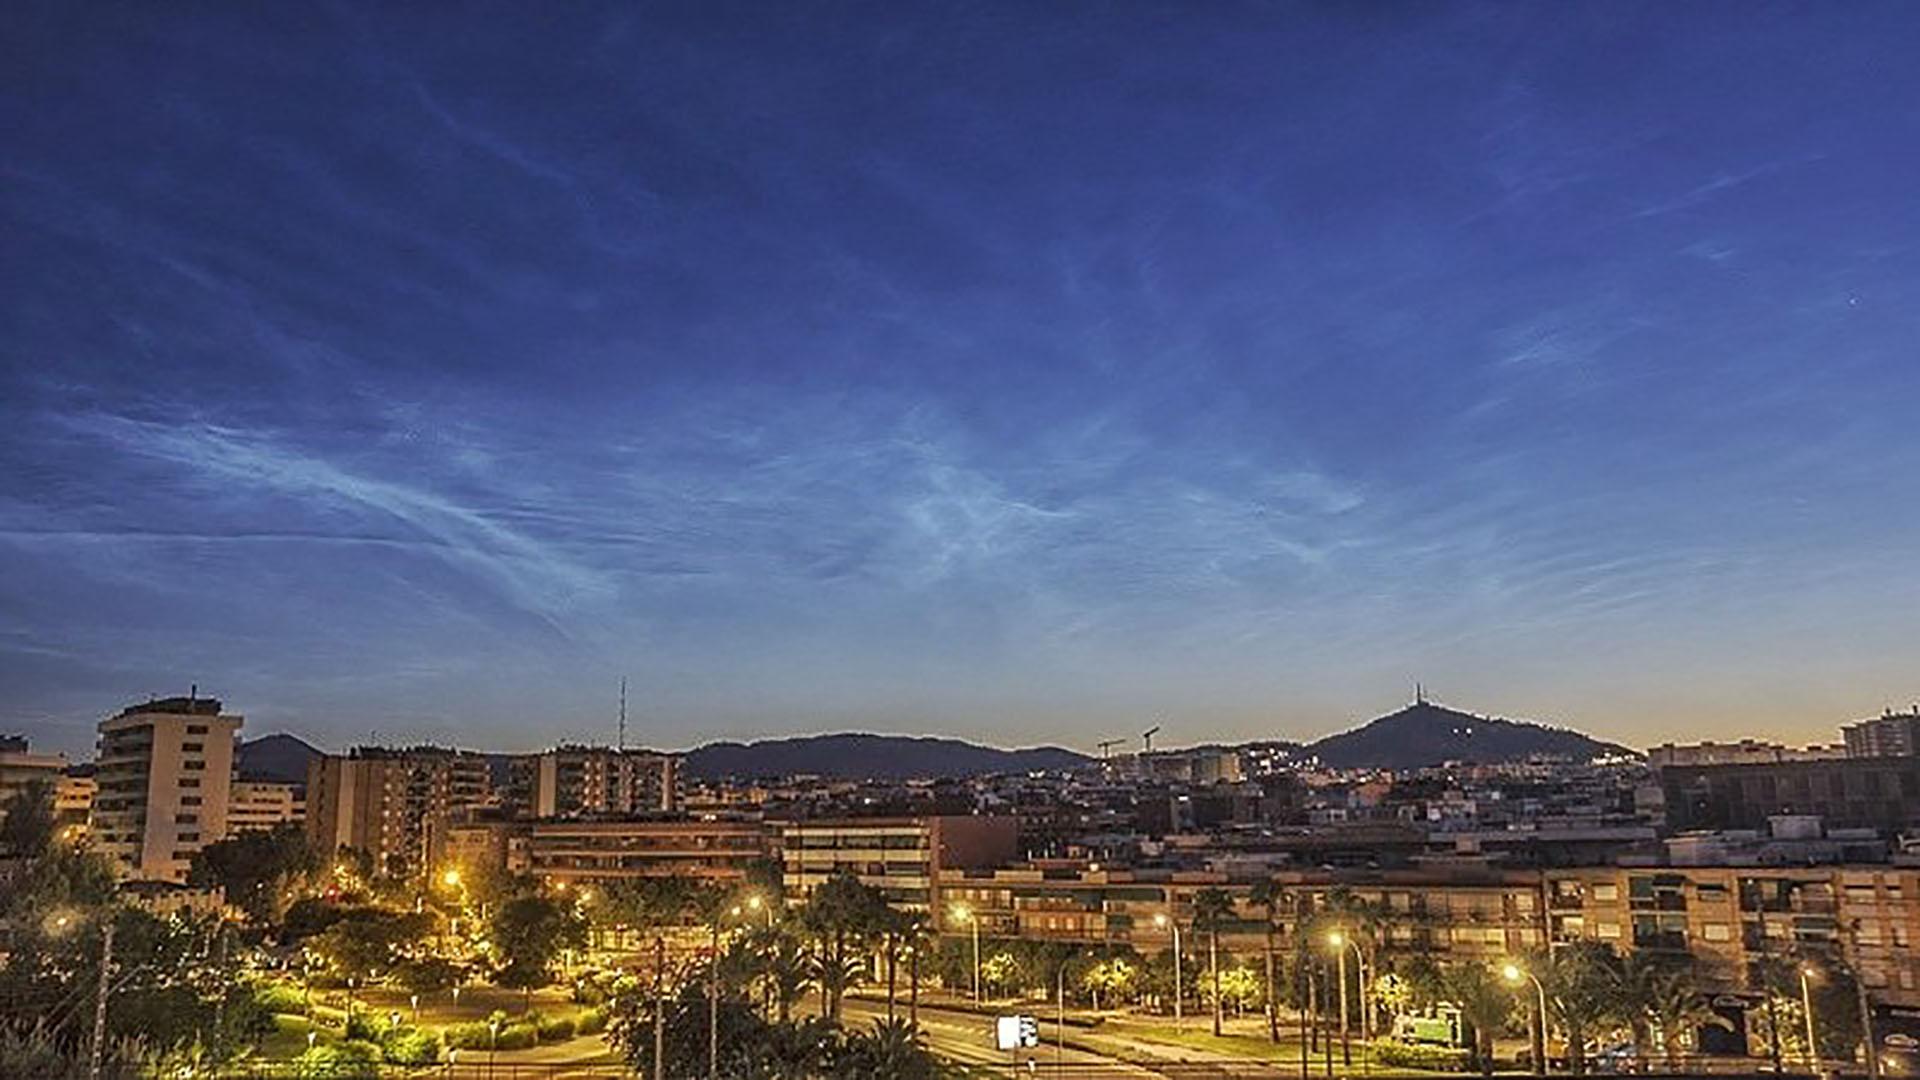 albada de Sant Joan amb núvols noctilucents